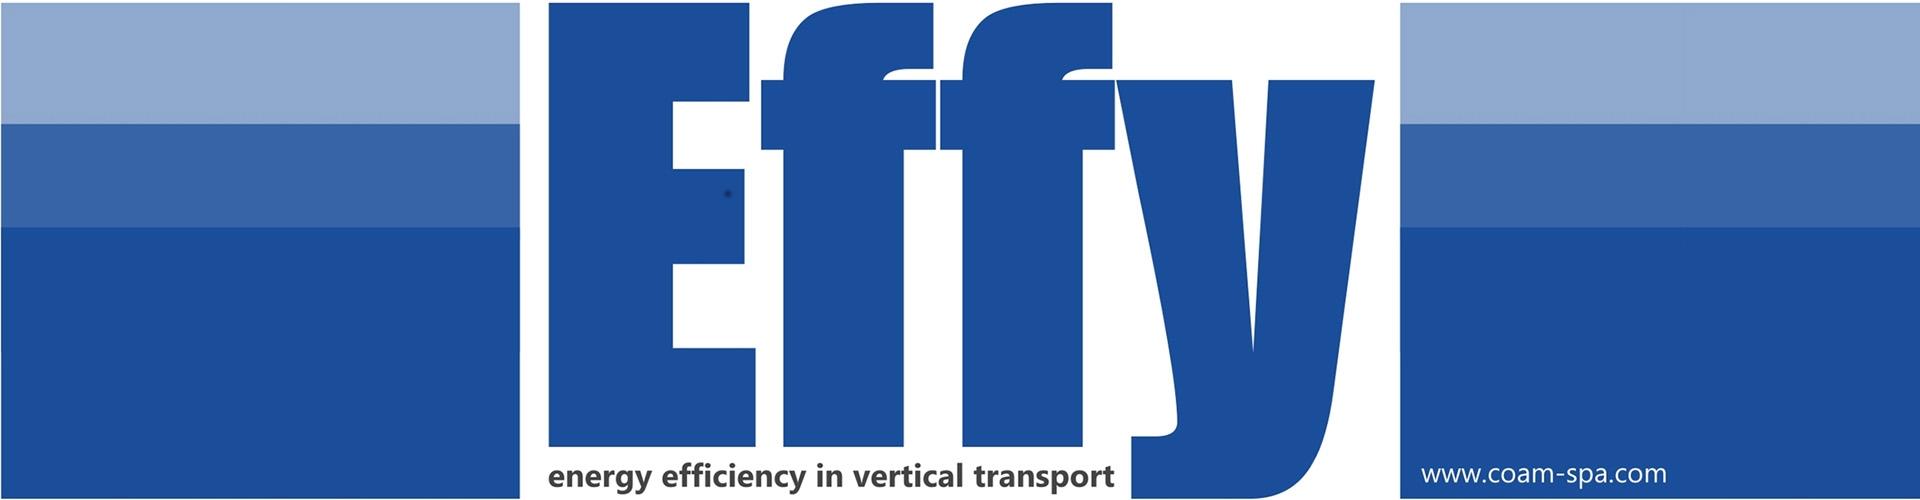 Effy: efficientamento energetico 110%